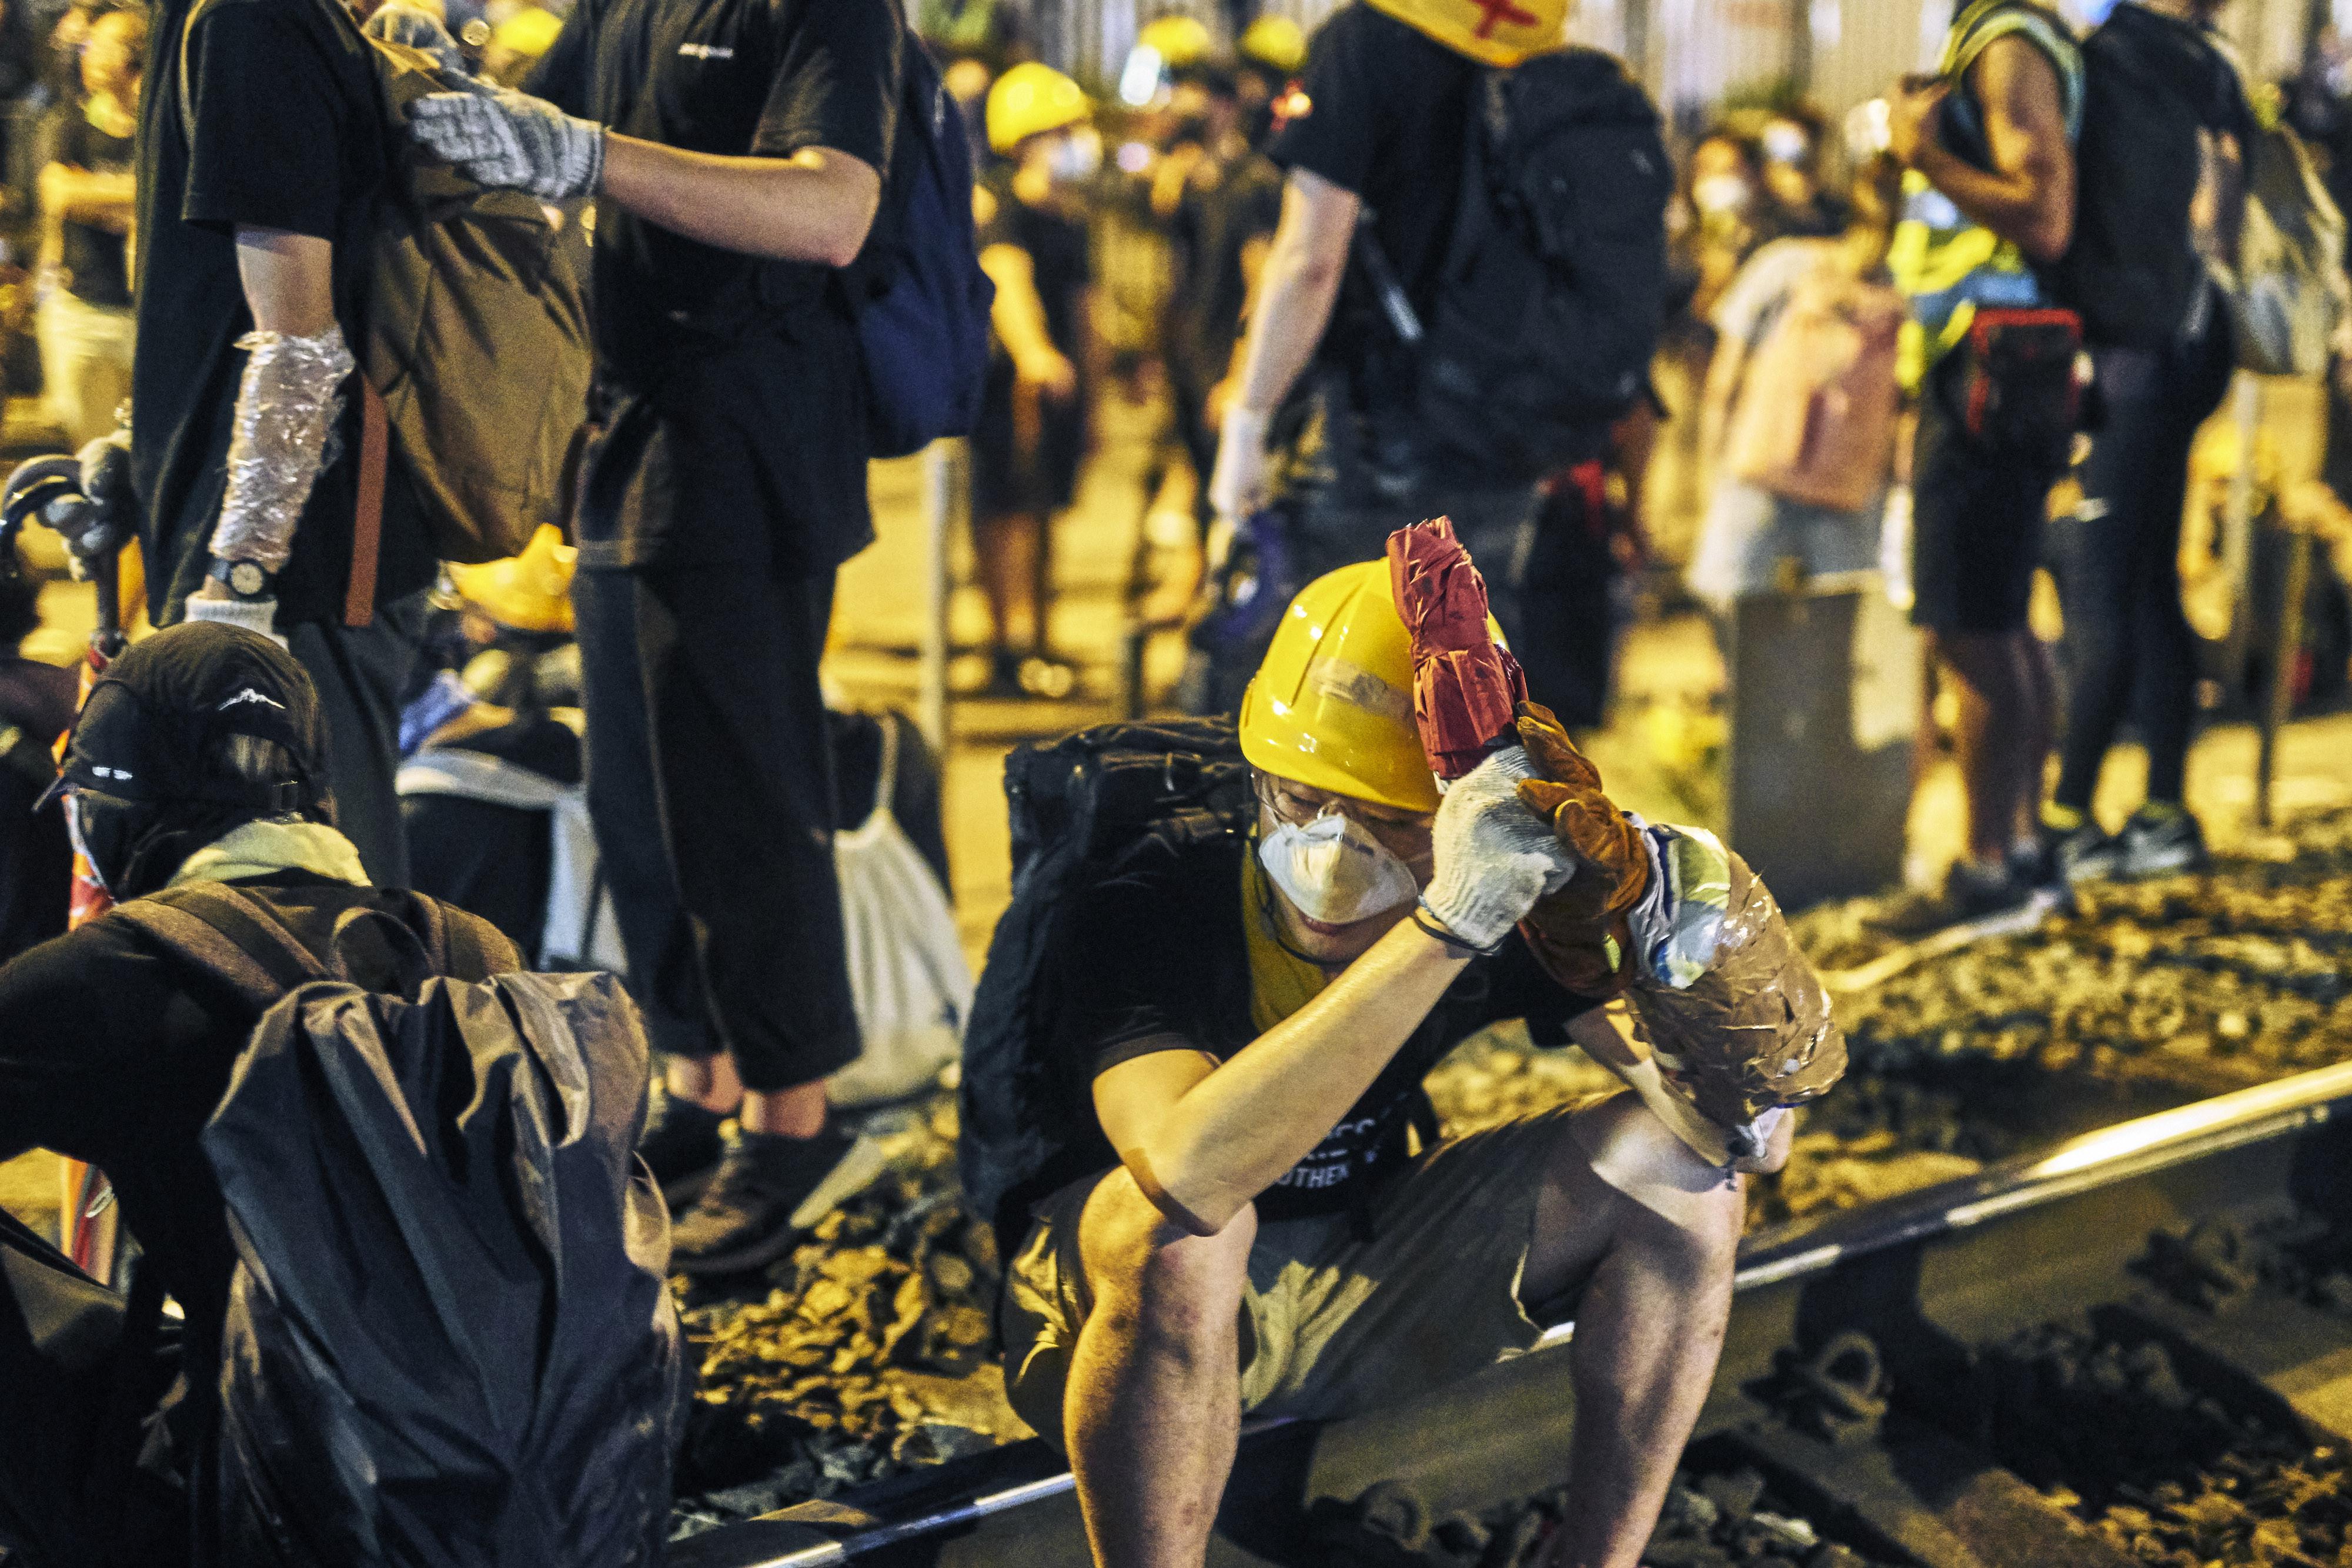 A pedido: los manifestantes han estado planeando sus movimientos en línea, pero están preocupados por ser vigilados por las autoridades.